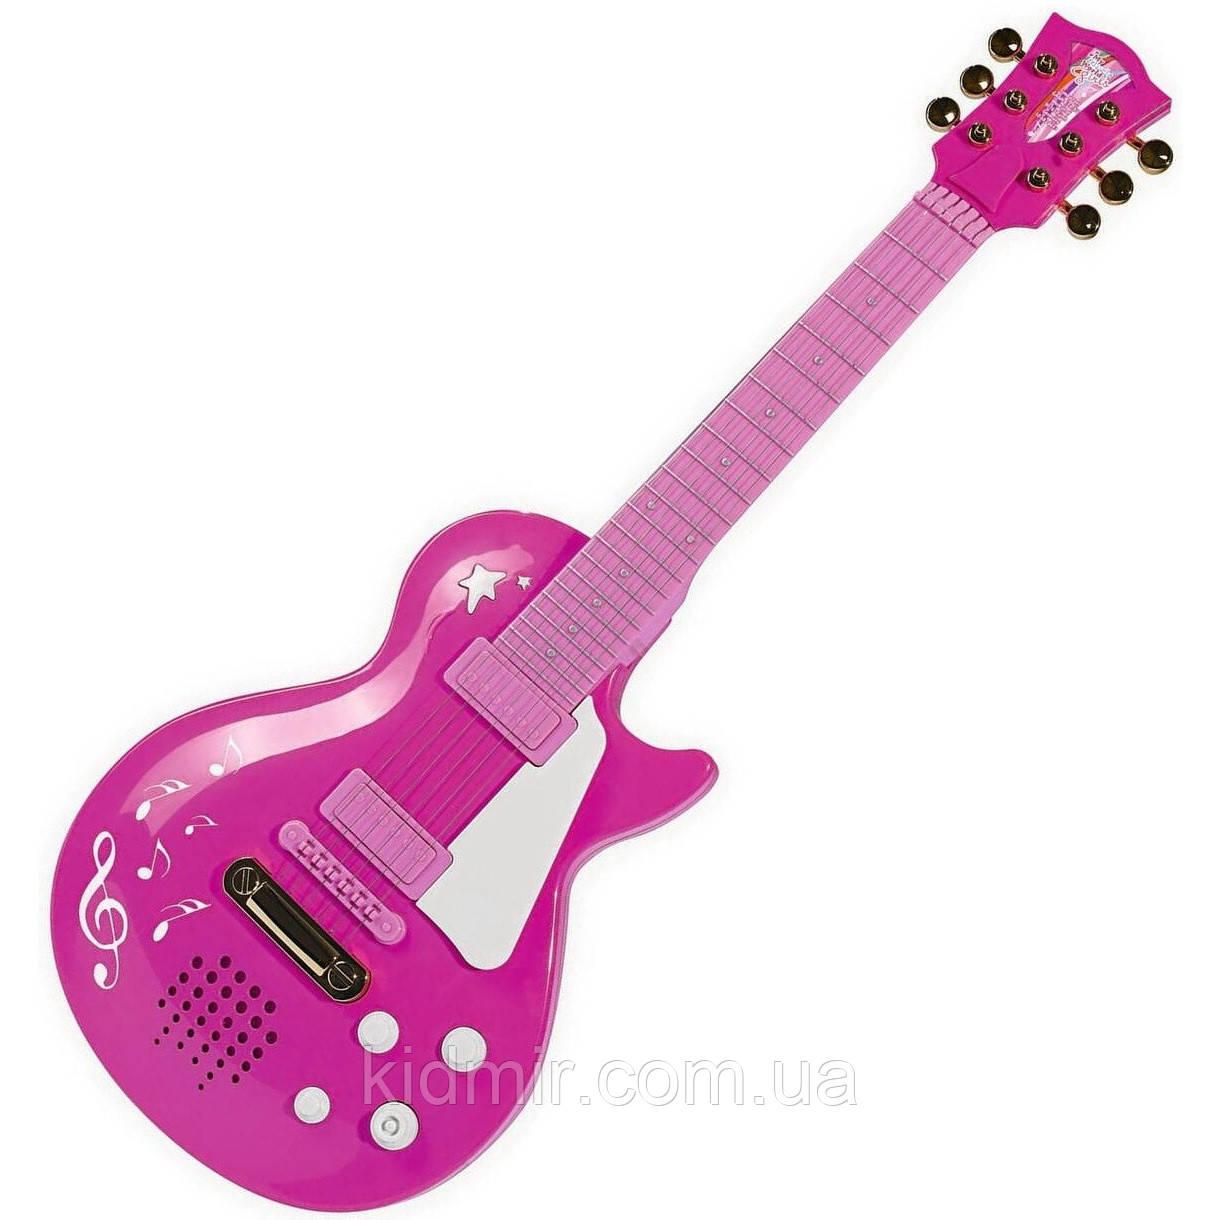 Детская рок гитара Девичий стиль Simba 6830693